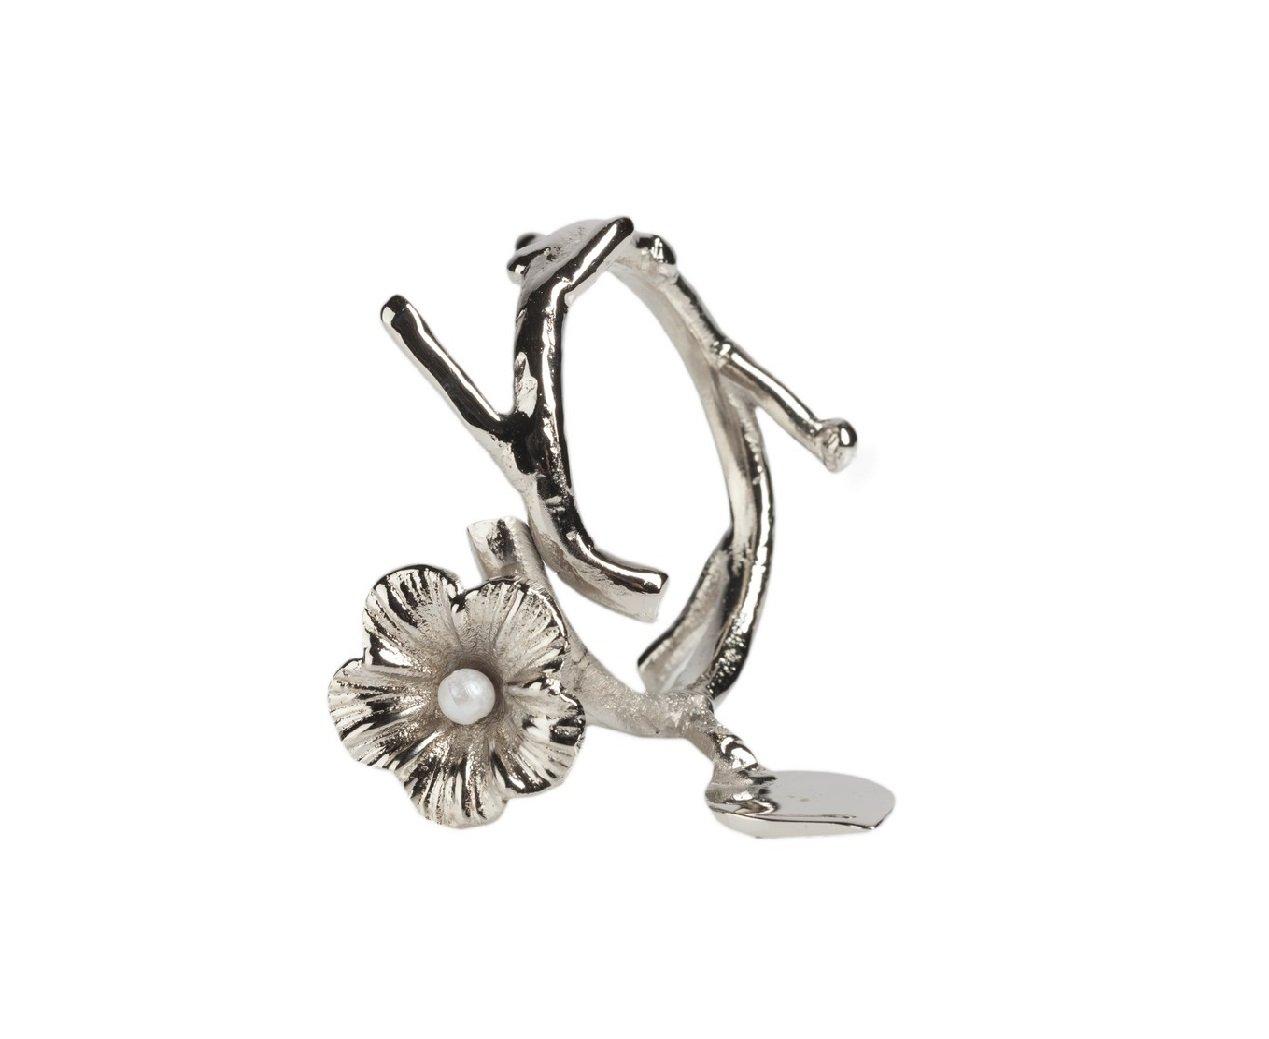 Купить Набор из 4 колец для салфеток Jewelry в интернет магазине дизайнерской мебели и аксессуаров для дома и дачи